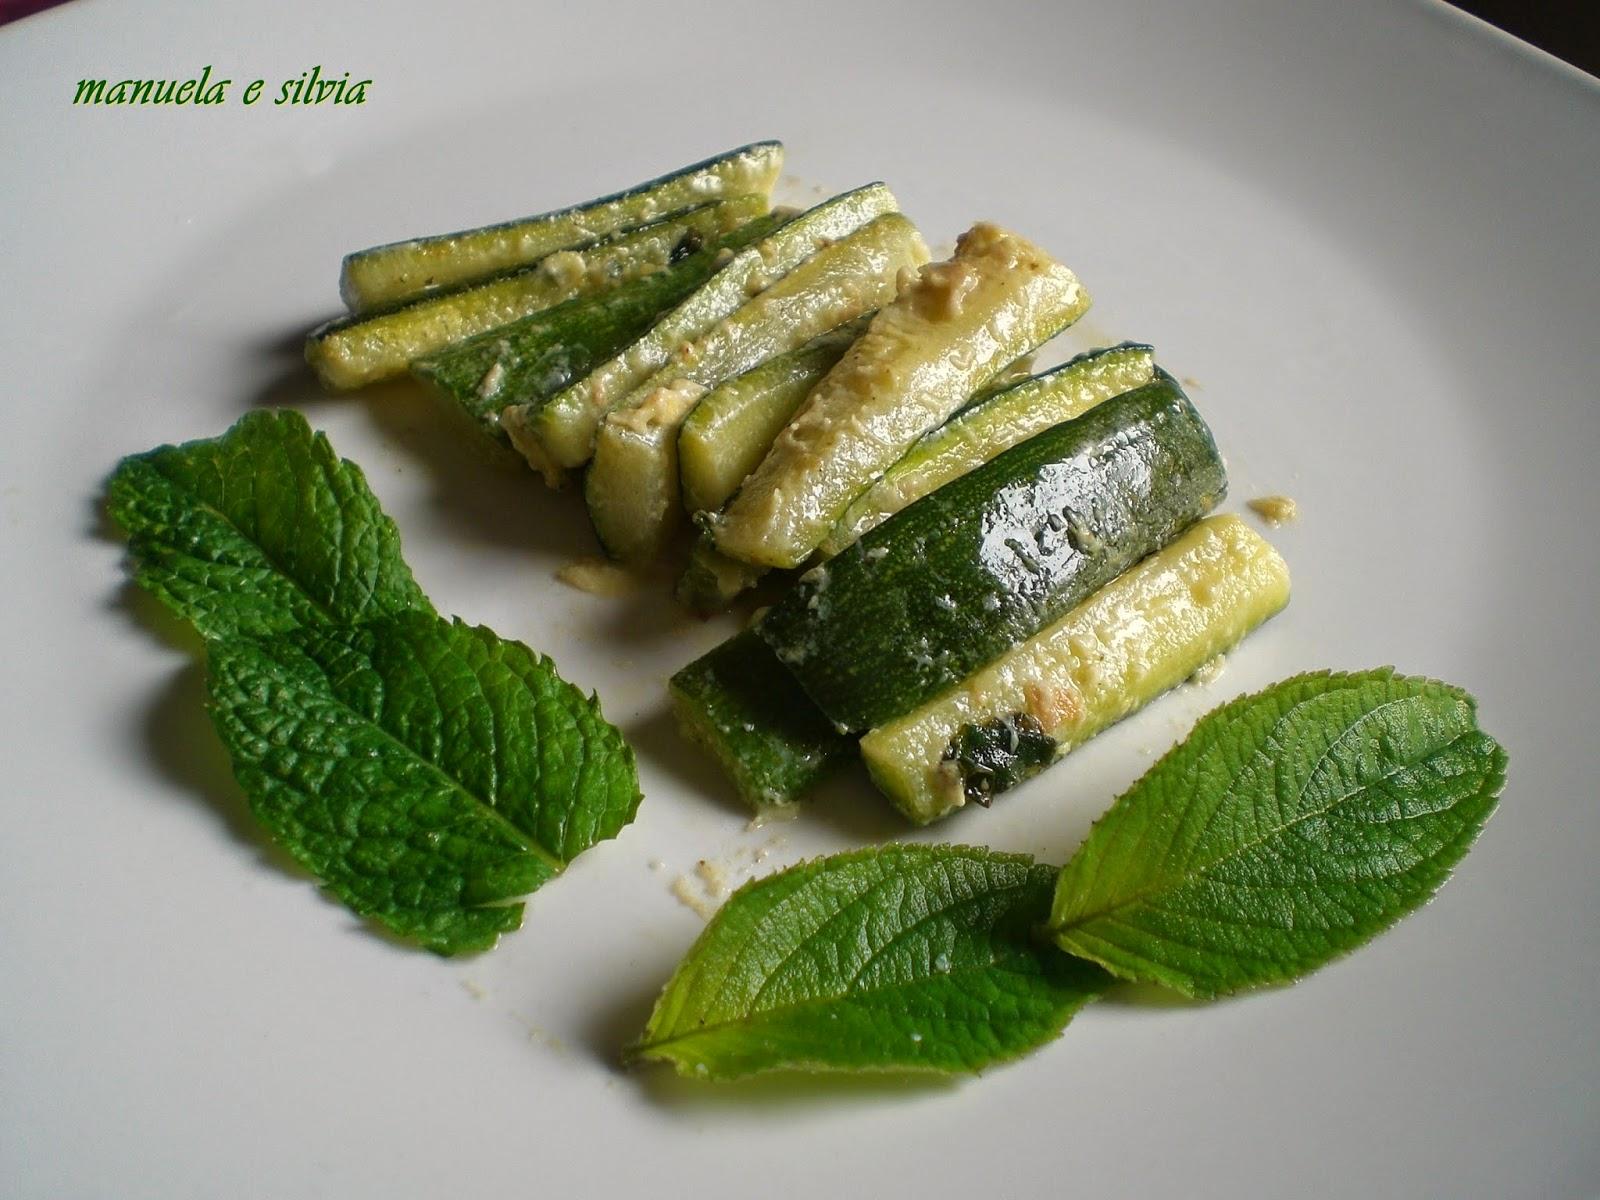 bastoncini di zucchine all'agro profumate alla menta e salvia ananas